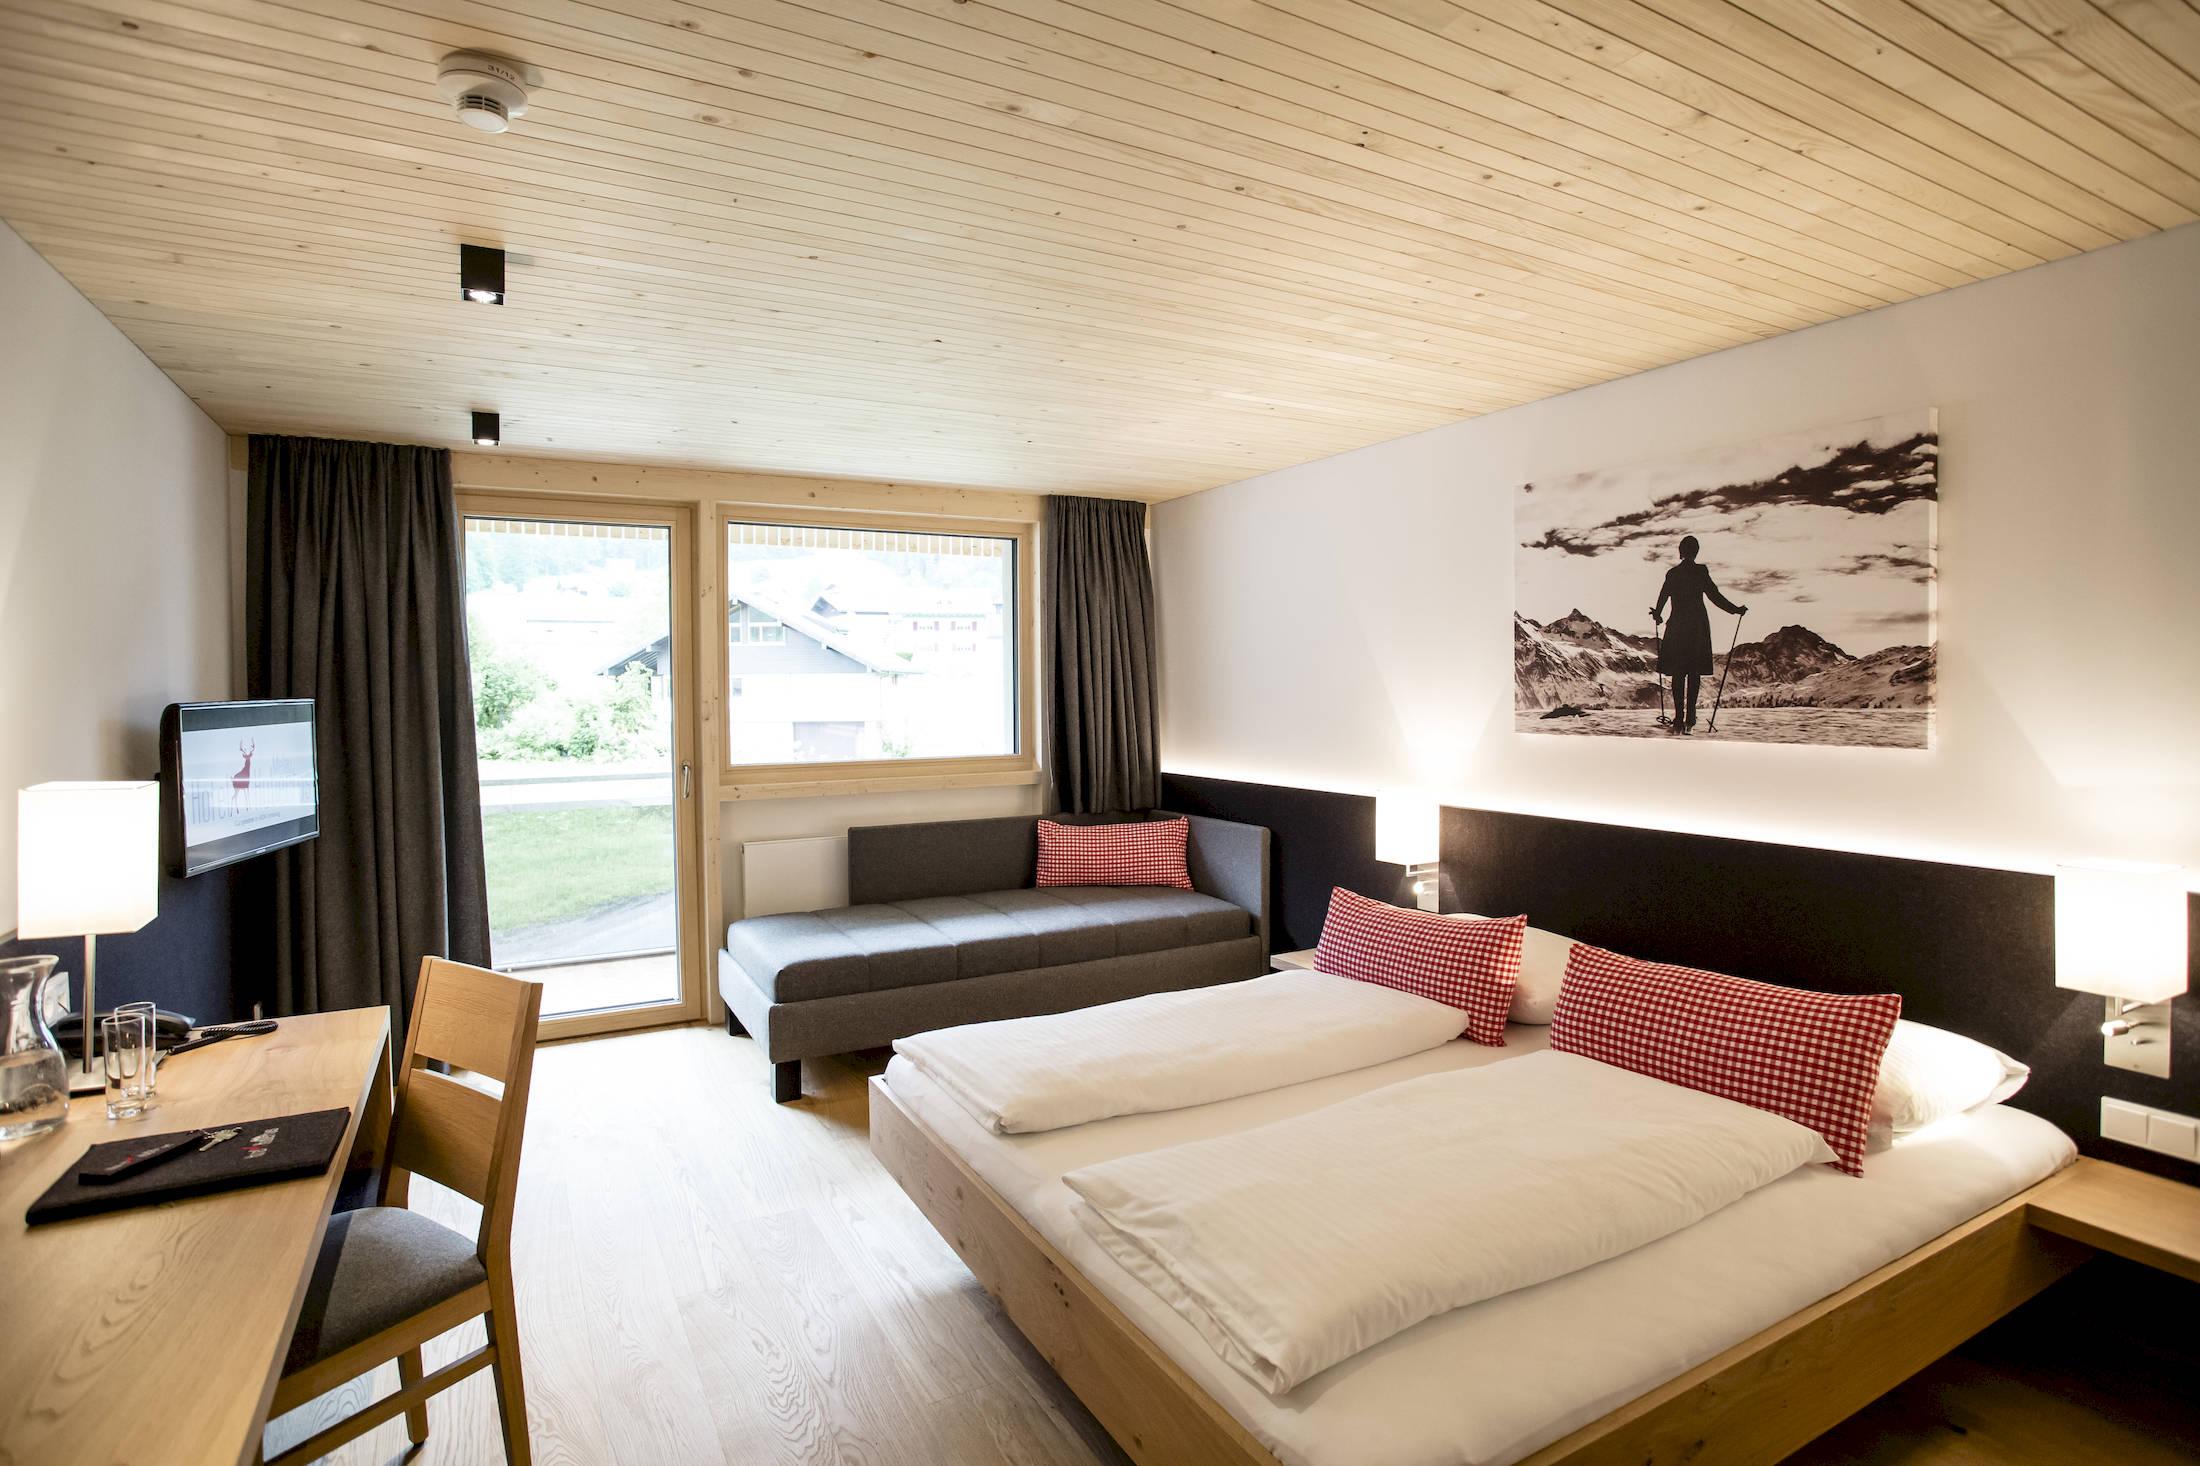 hotel hubertus mellau kaufmann zimmerei tischlerei. Black Bedroom Furniture Sets. Home Design Ideas